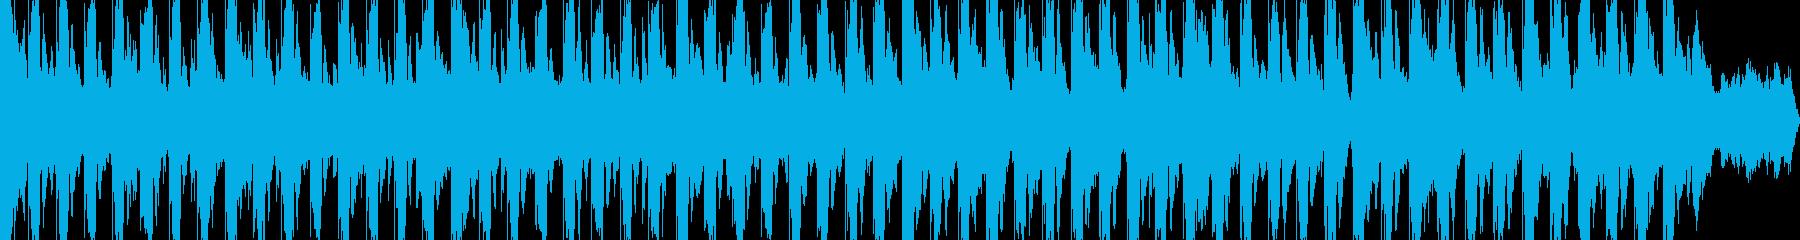 1970年代または1980年代初期...の再生済みの波形